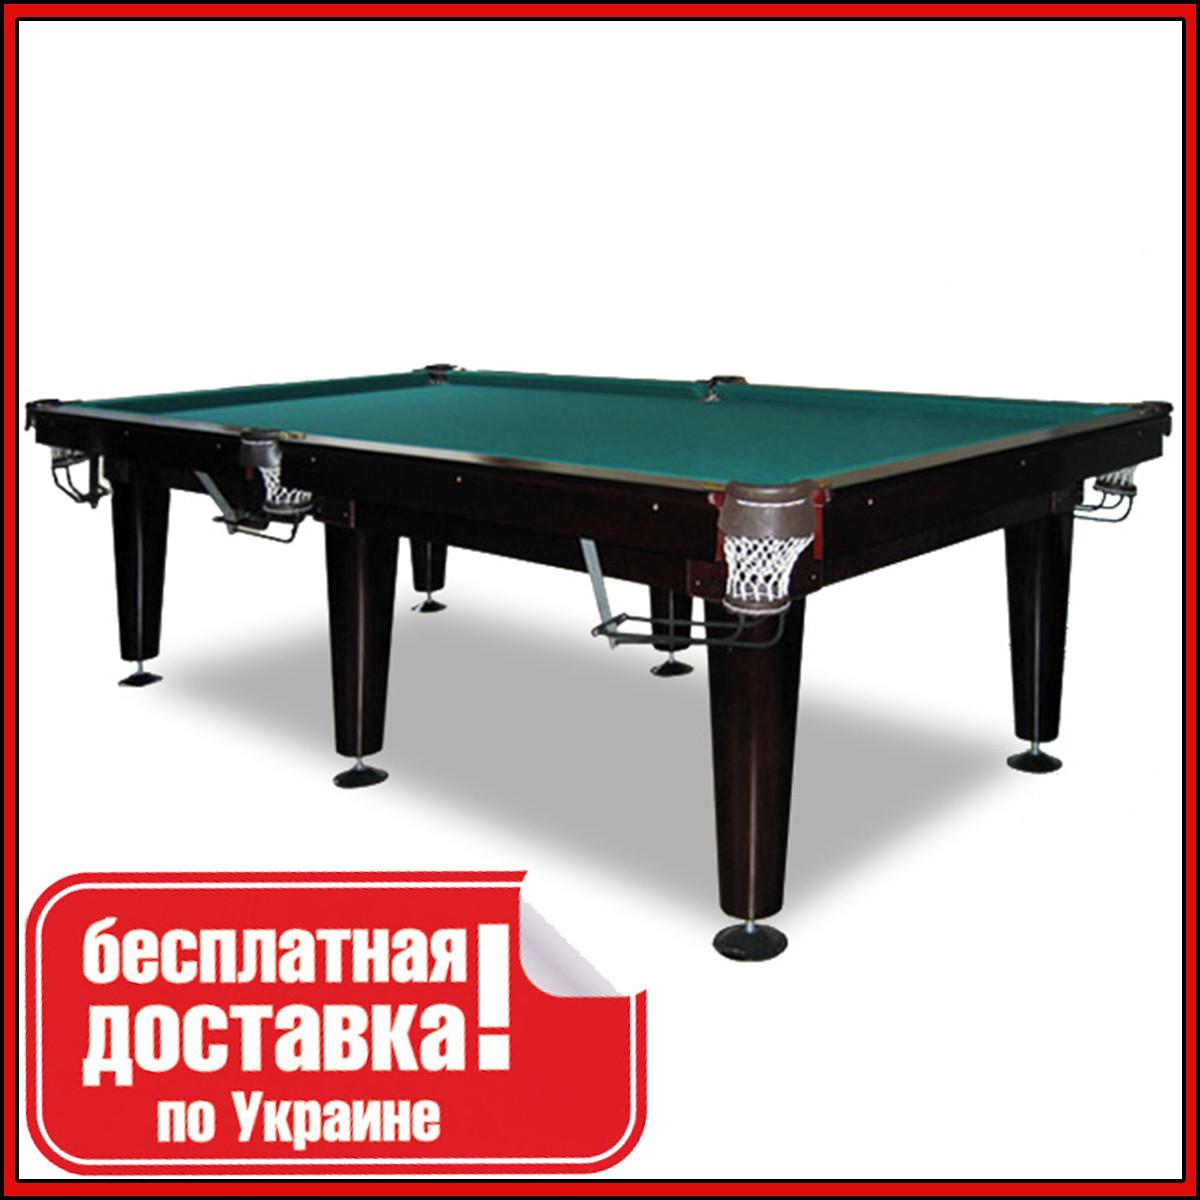 Більярдний стіл для пулу КЛАСИК 6 футів ЛДСП 1.8 м х 0.9 м з натурального дерева